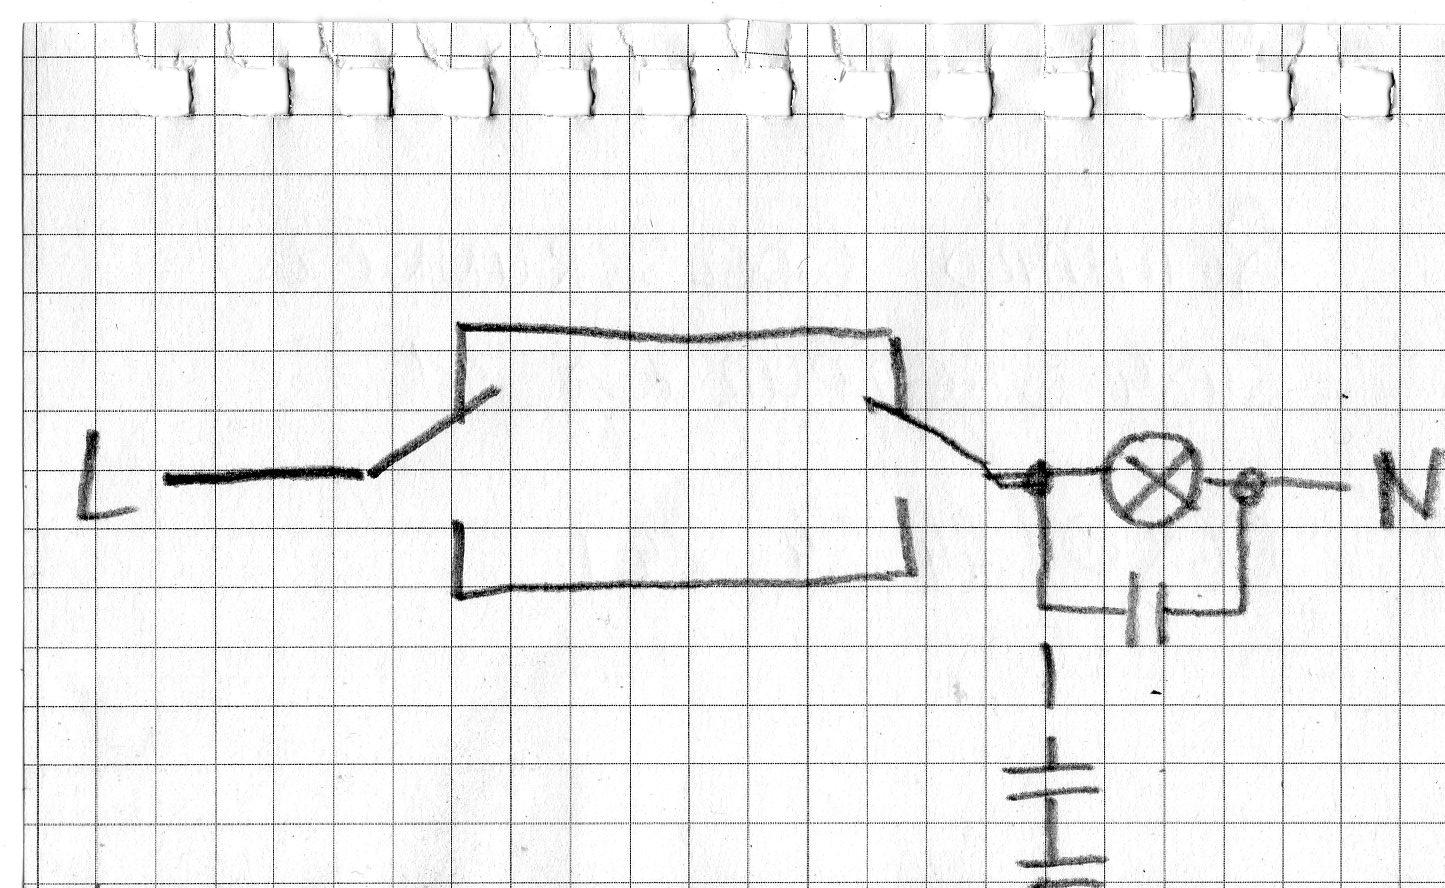 widerstand vs kondersator vor glimmende led. Black Bedroom Furniture Sets. Home Design Ideas